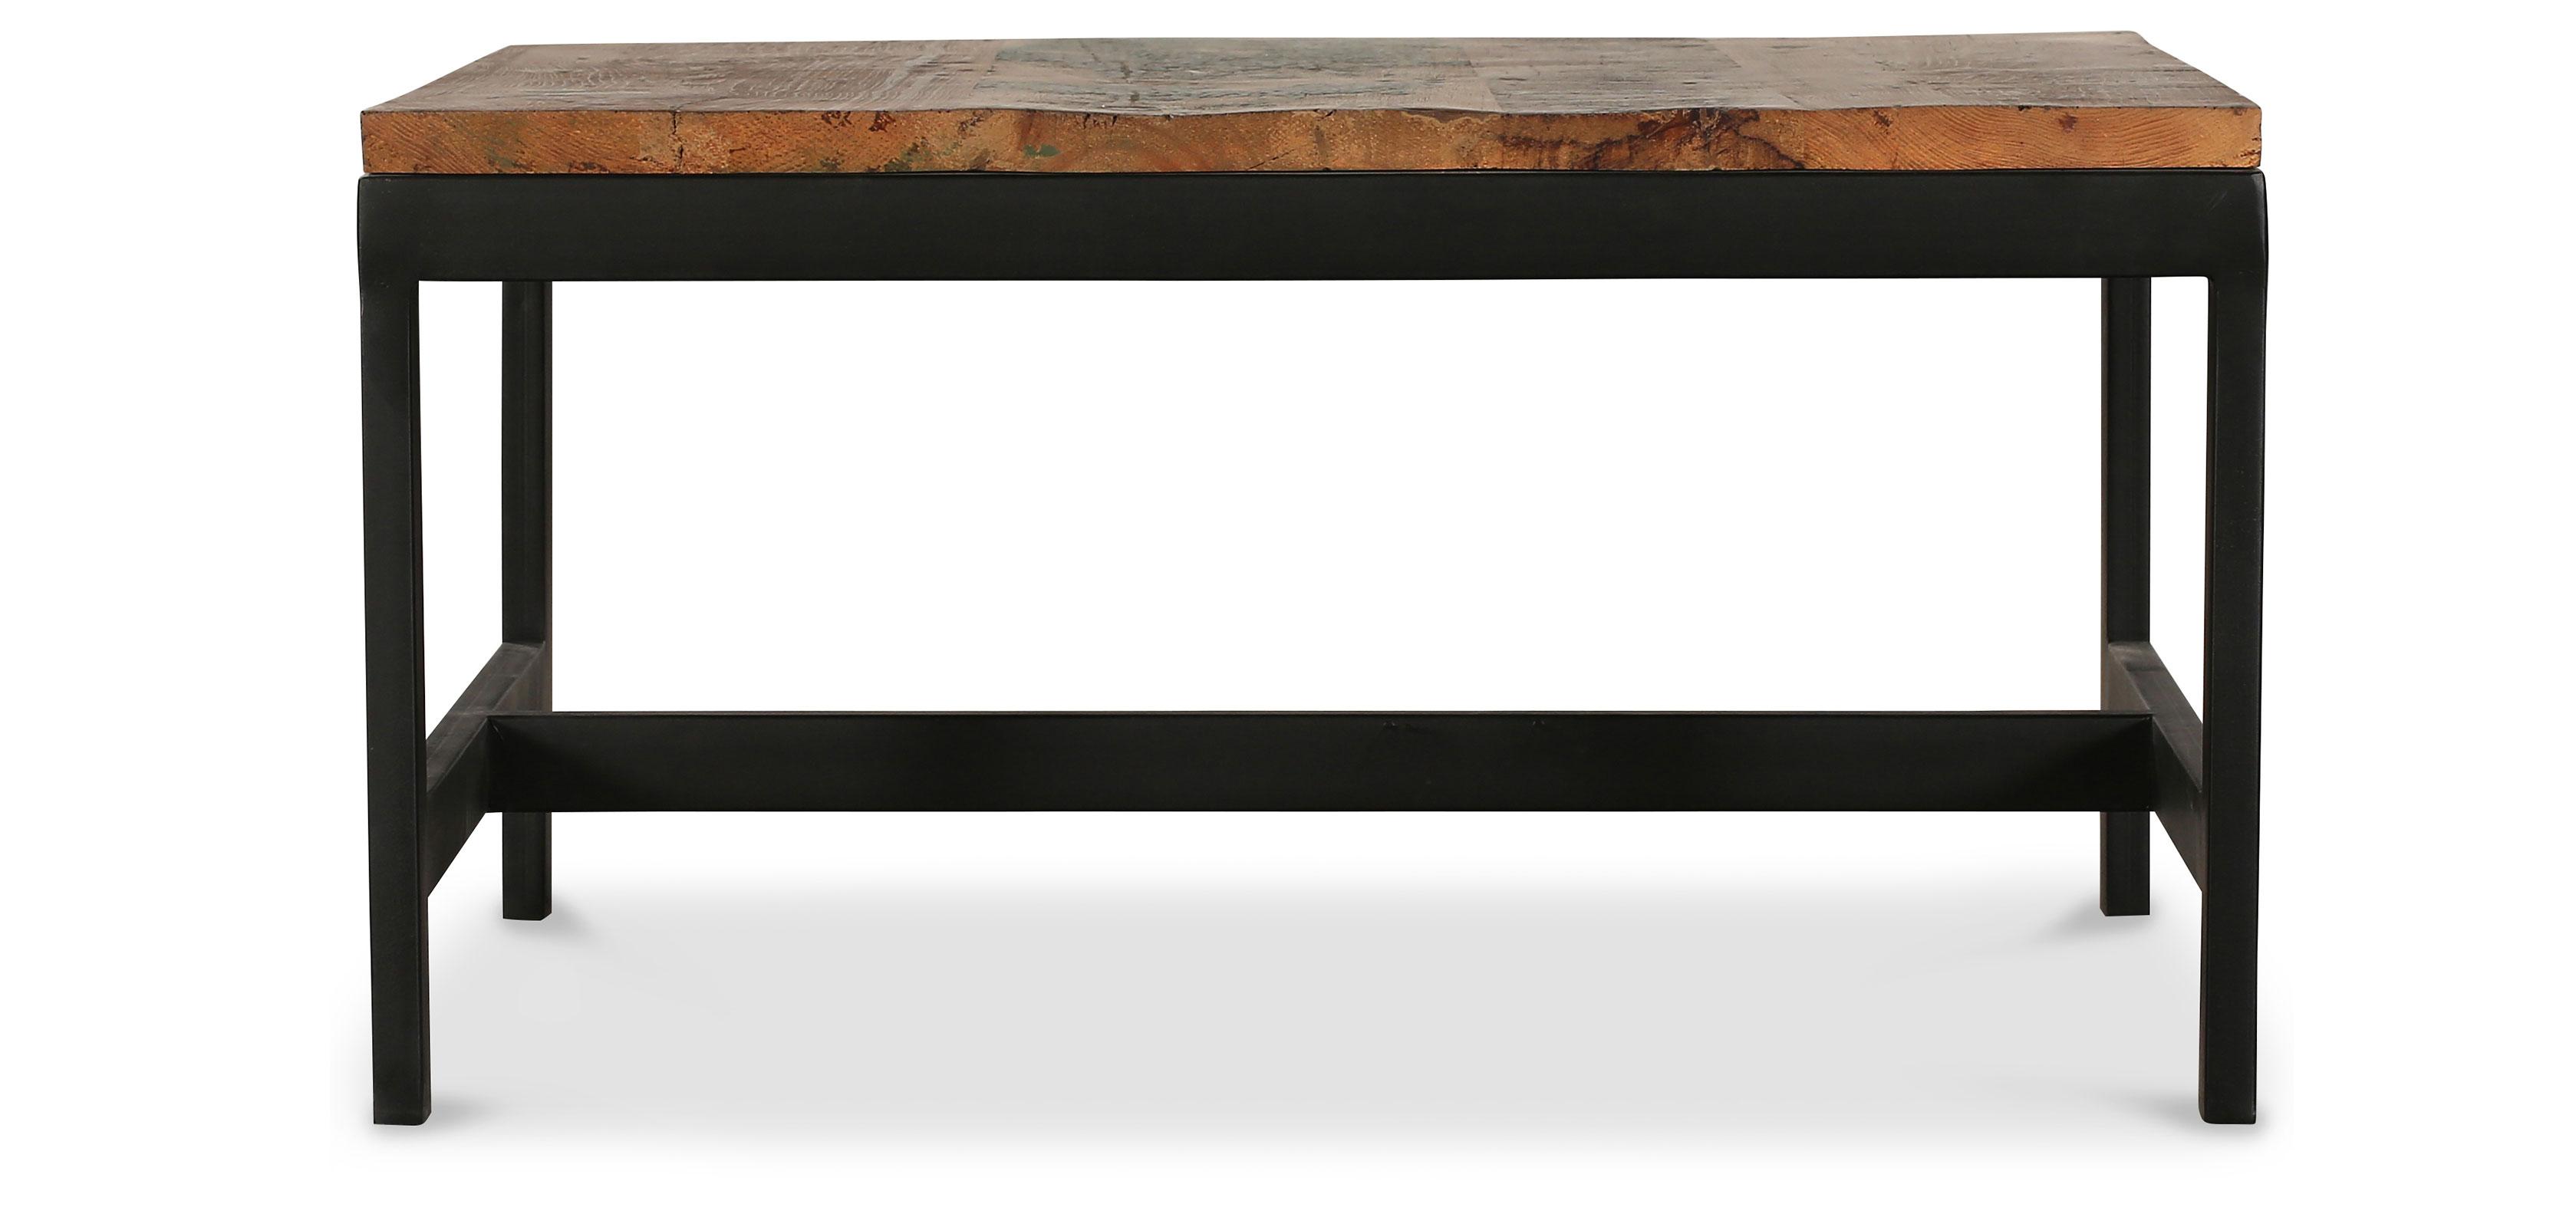 Table basse vintage industriel acier et bois - Table basse acier bois ...